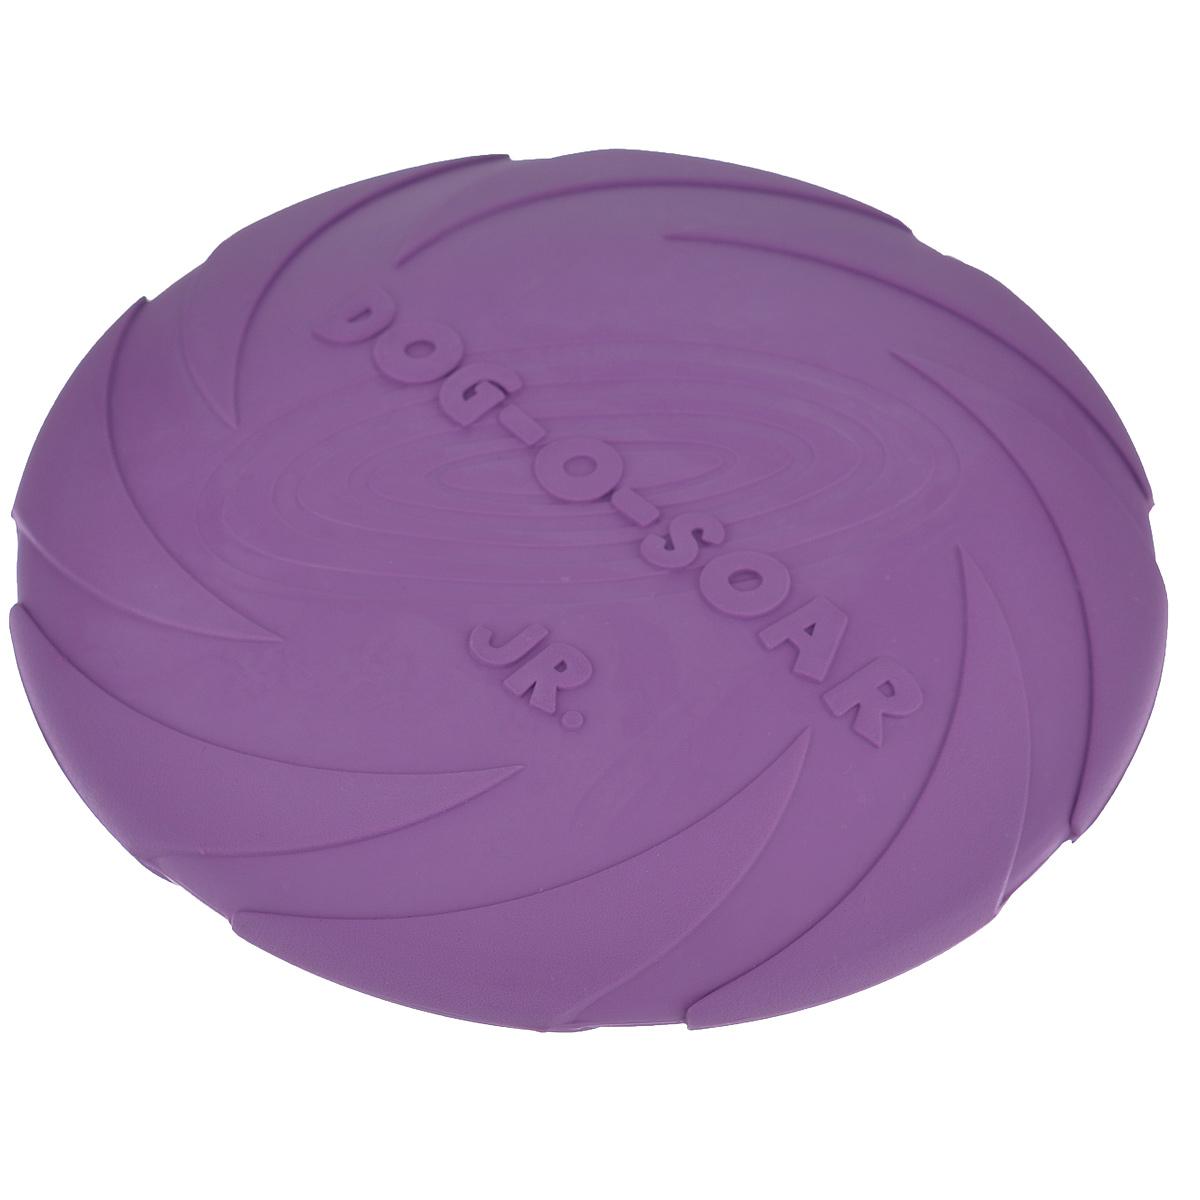 Игрушка для собак I.P.T.S. Фрисби, цвет: сиреневый, диаметр 18 см101246Игрушка I.P.T.S. Фрисби, выполненная из резины, отлично подойдет для совместных игр хозяина и собаки. В отличие от пластиковых, такая Фрисбине образует острых зазубрин и трещин, способных повредить десны питомца. Совместные игры укрепляют взаимоотношение и понимание. Давая новую игрушку вашему питомцу, не оставляйте животное без присмотра, не убедившись, что собака не может разгрызть данную игрушку. Диаметр: 18 см.